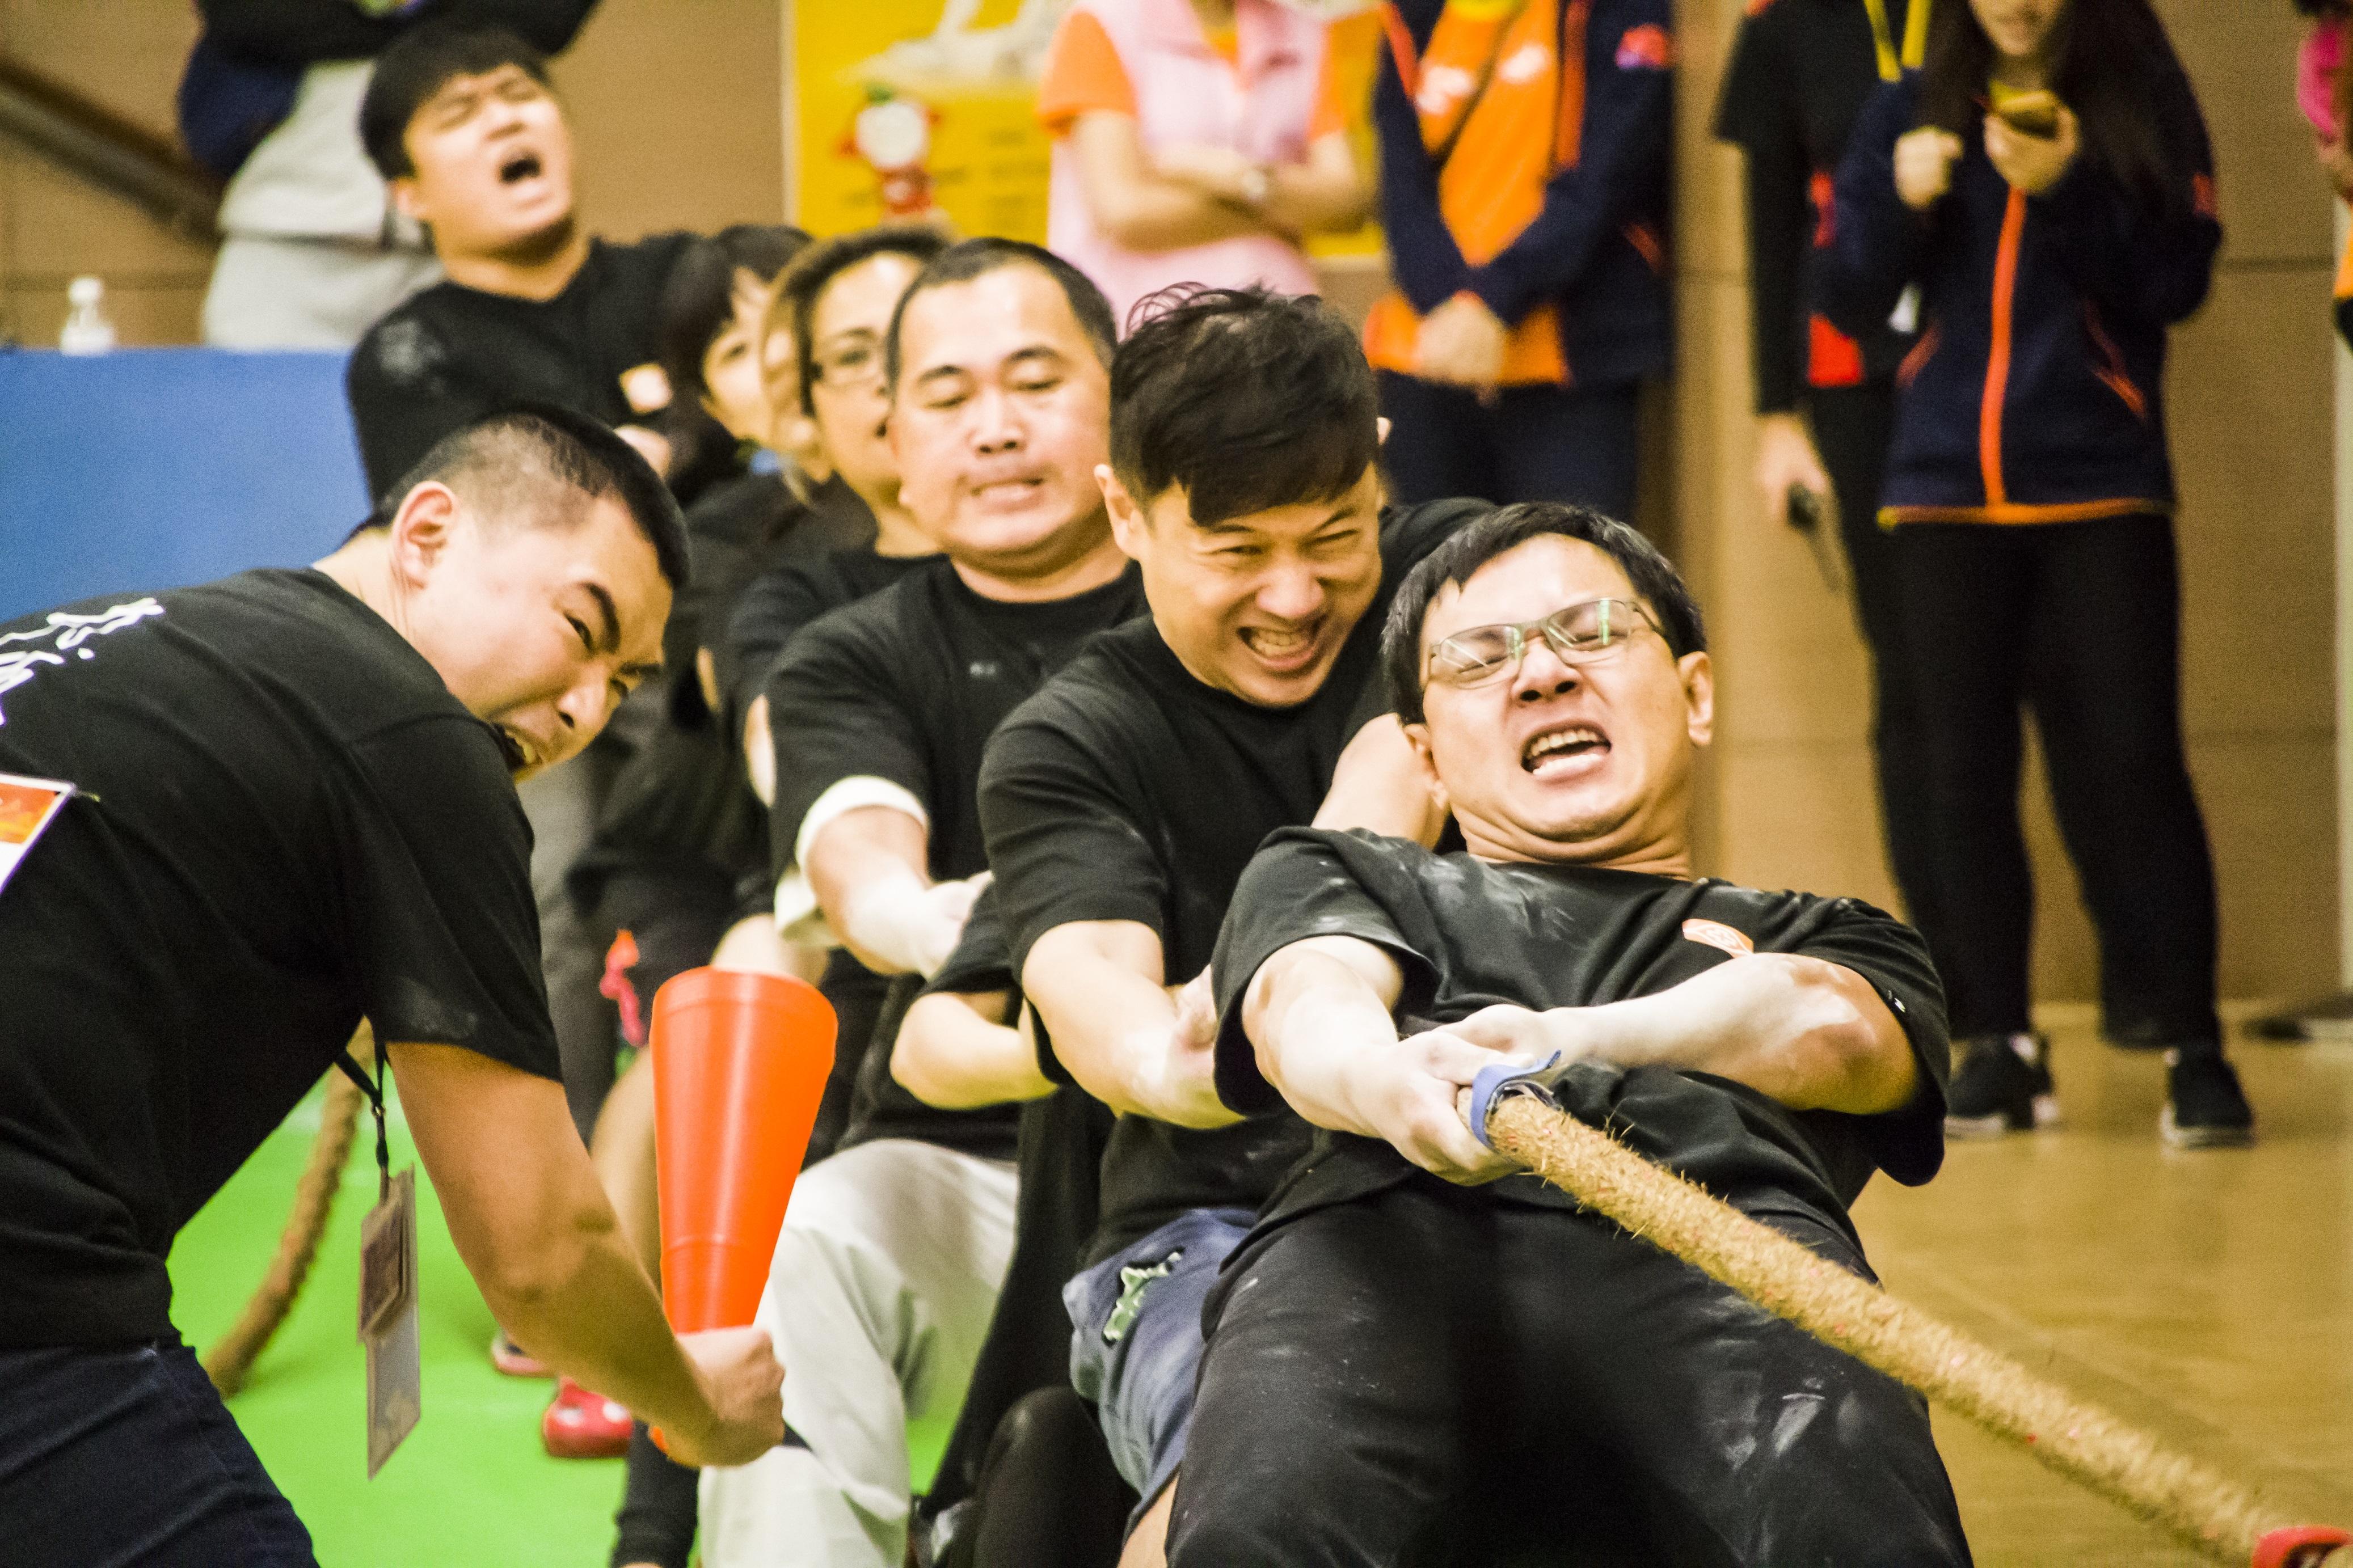 長庚永慶盃拔河賽總獎金近百萬 醫師、護理師也參賽